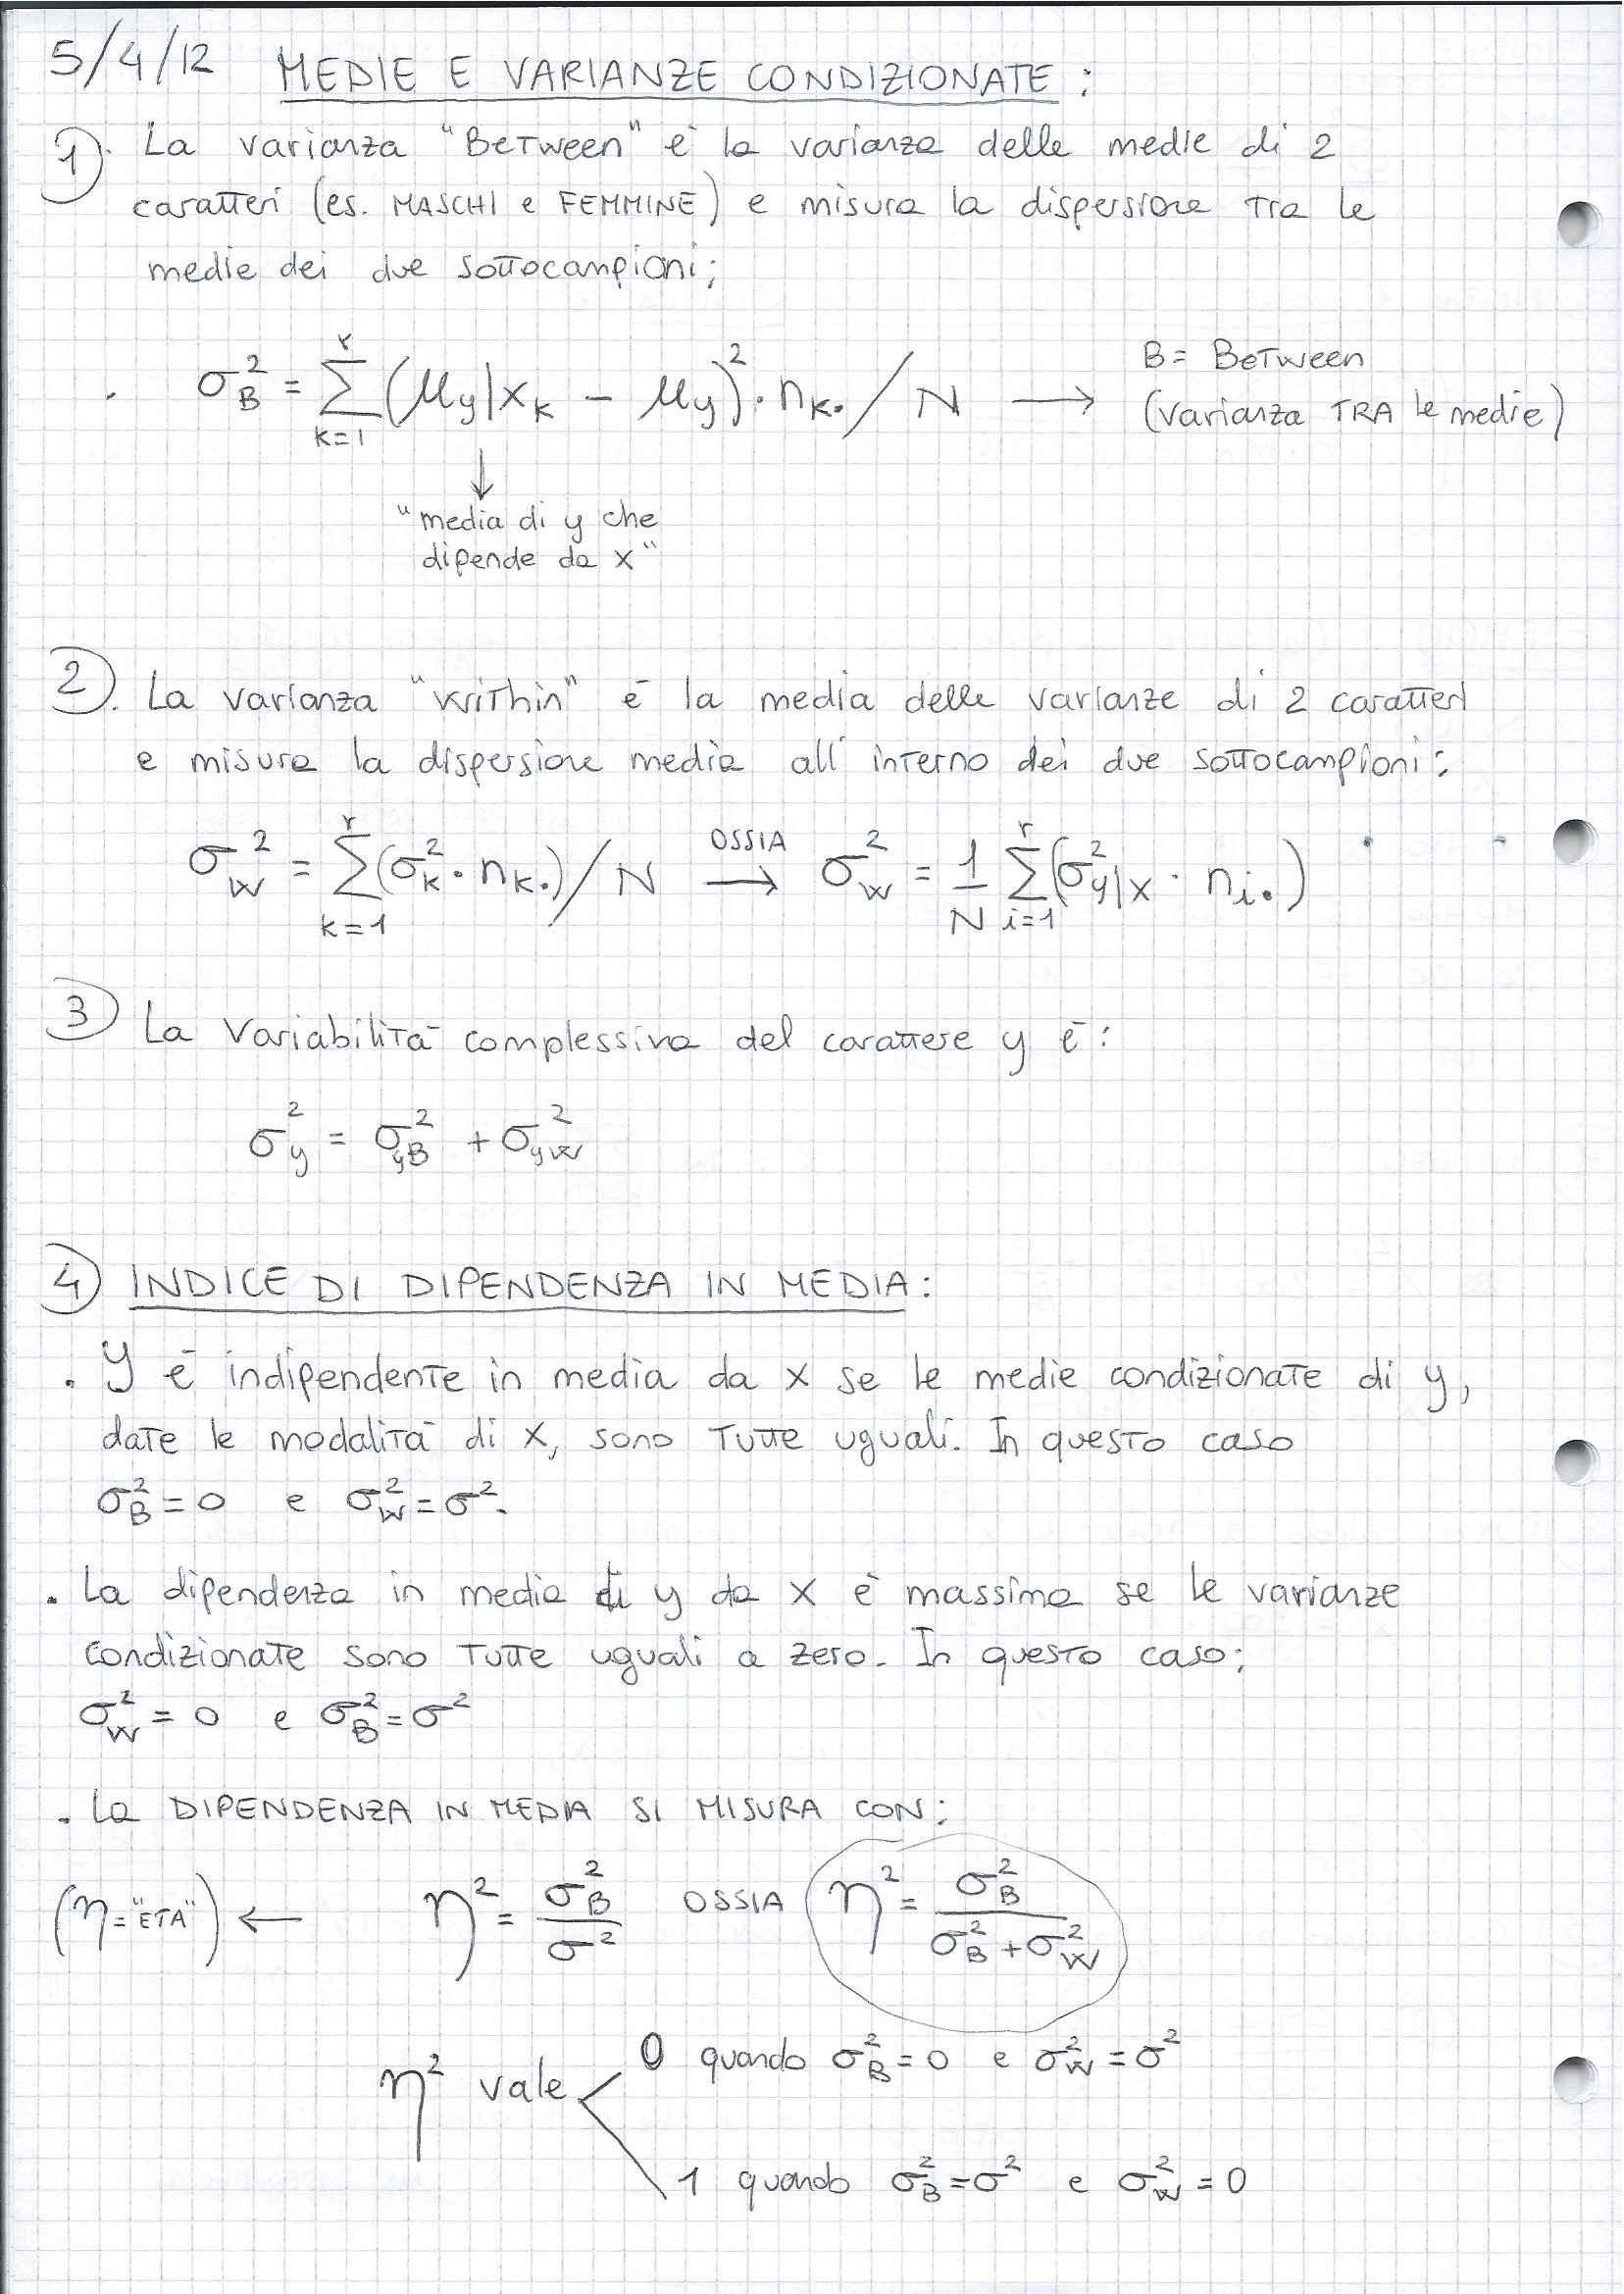 Statistica - Medie e varianze condizionate